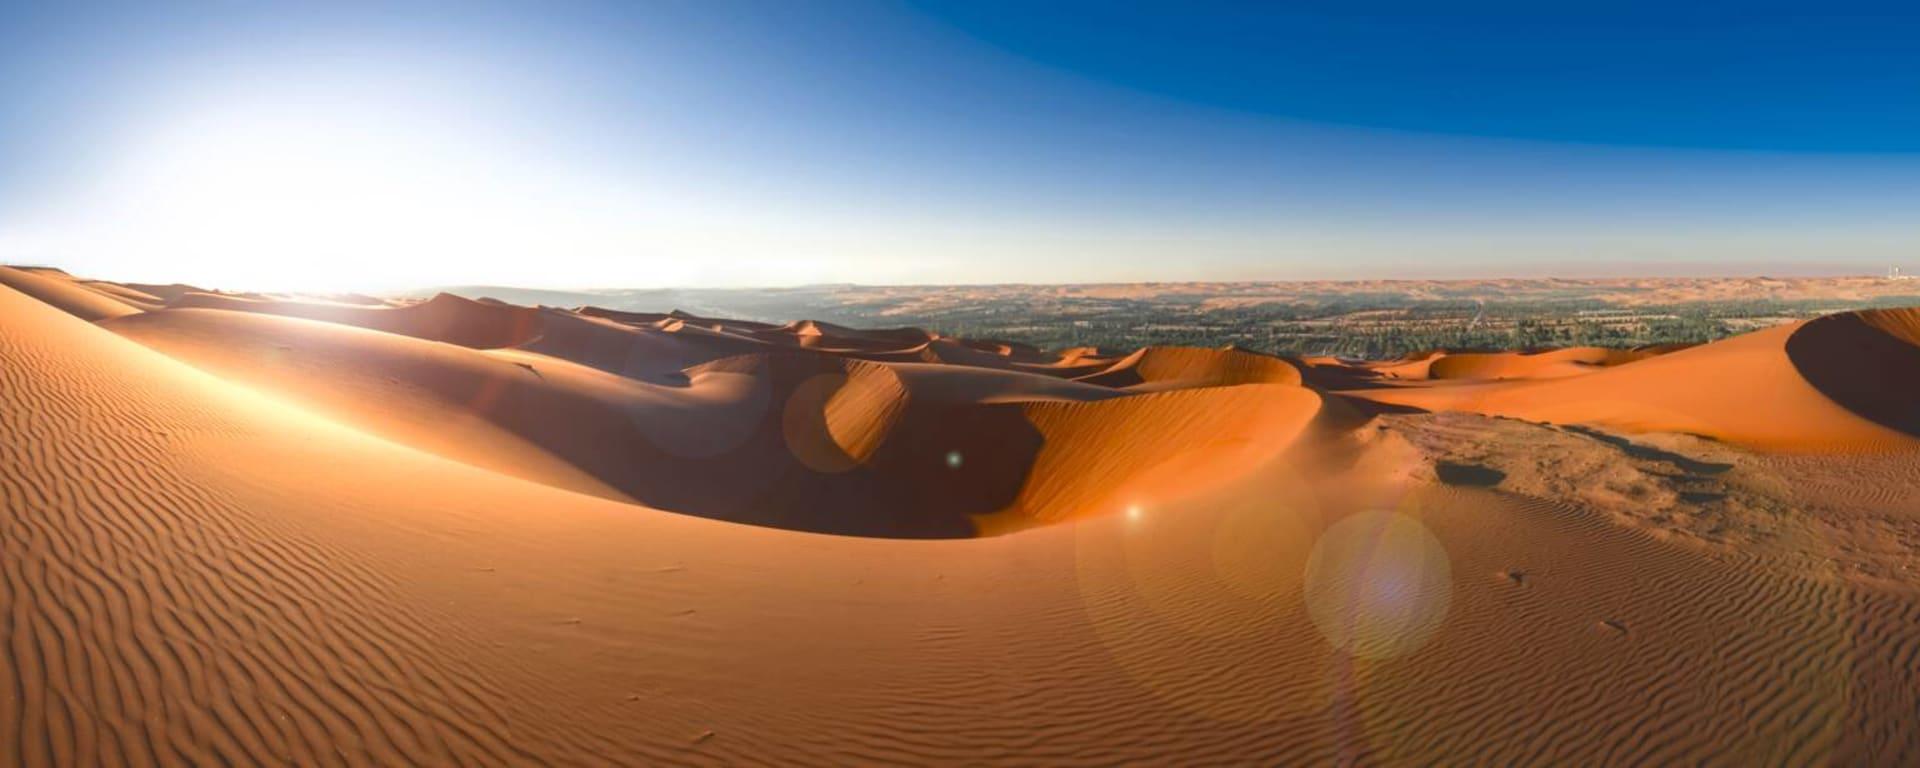 Vereinigte Arabische Emirate entdecken mit Tischler Reisen: Abu Dhabi Rub al Khali Wüste